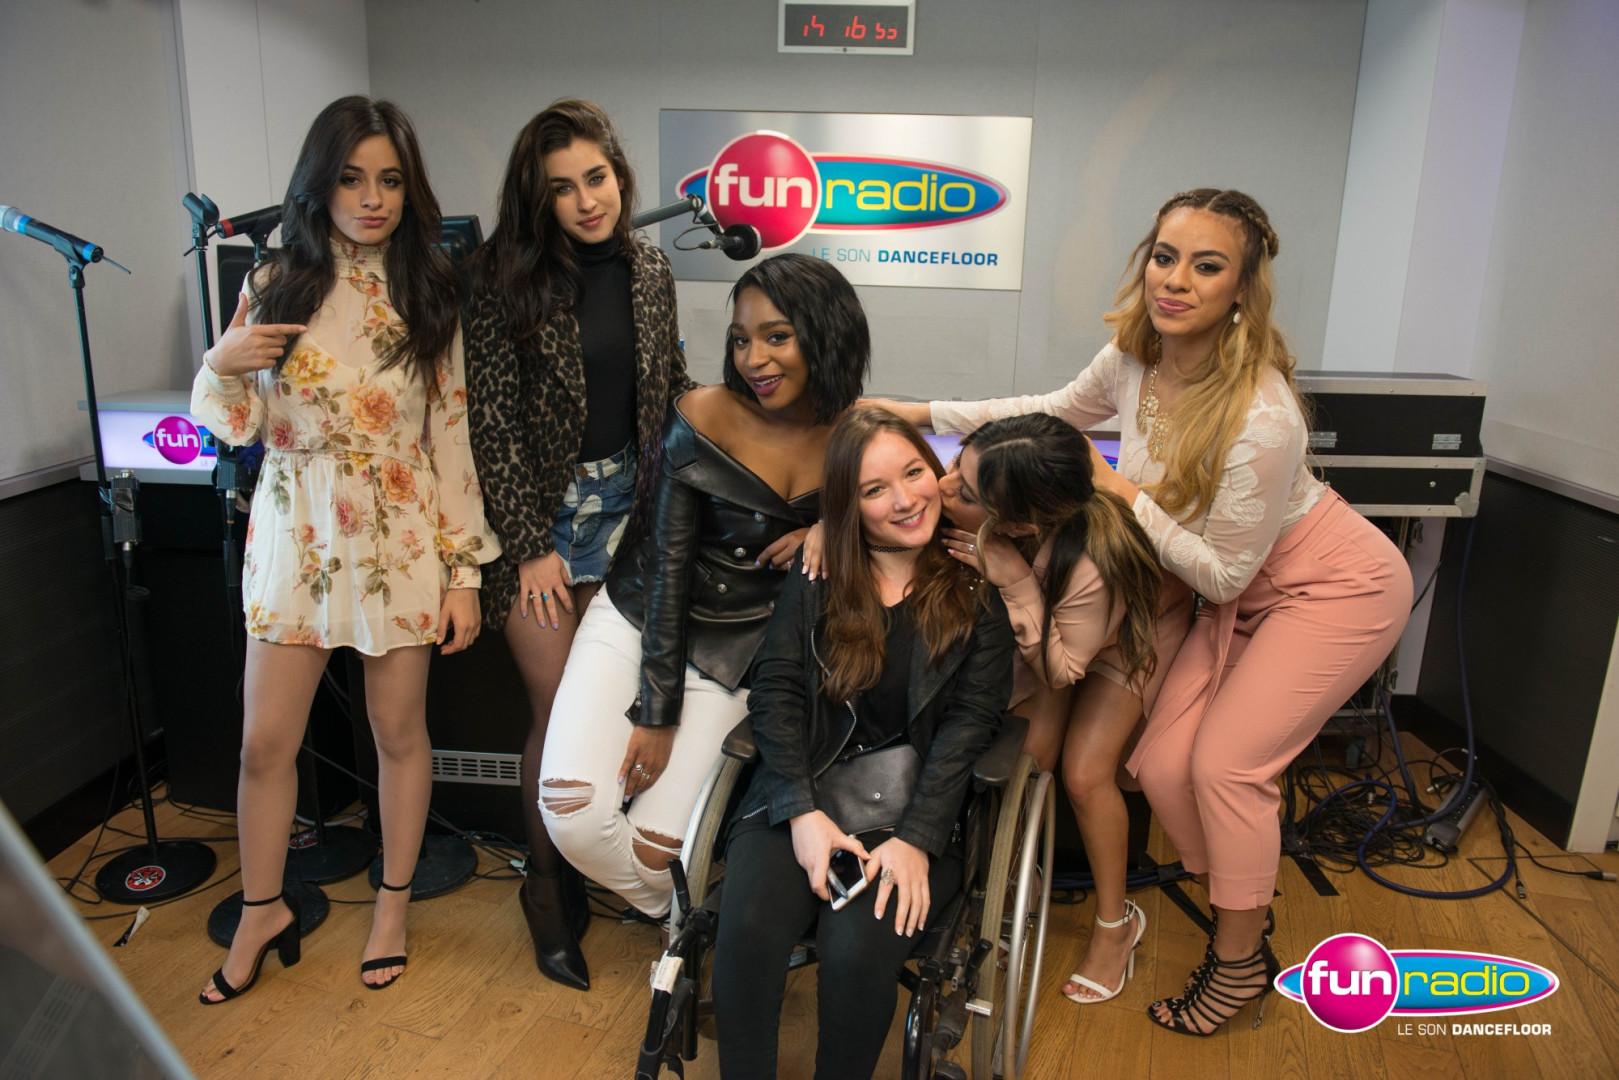 Les Fifth Harmony